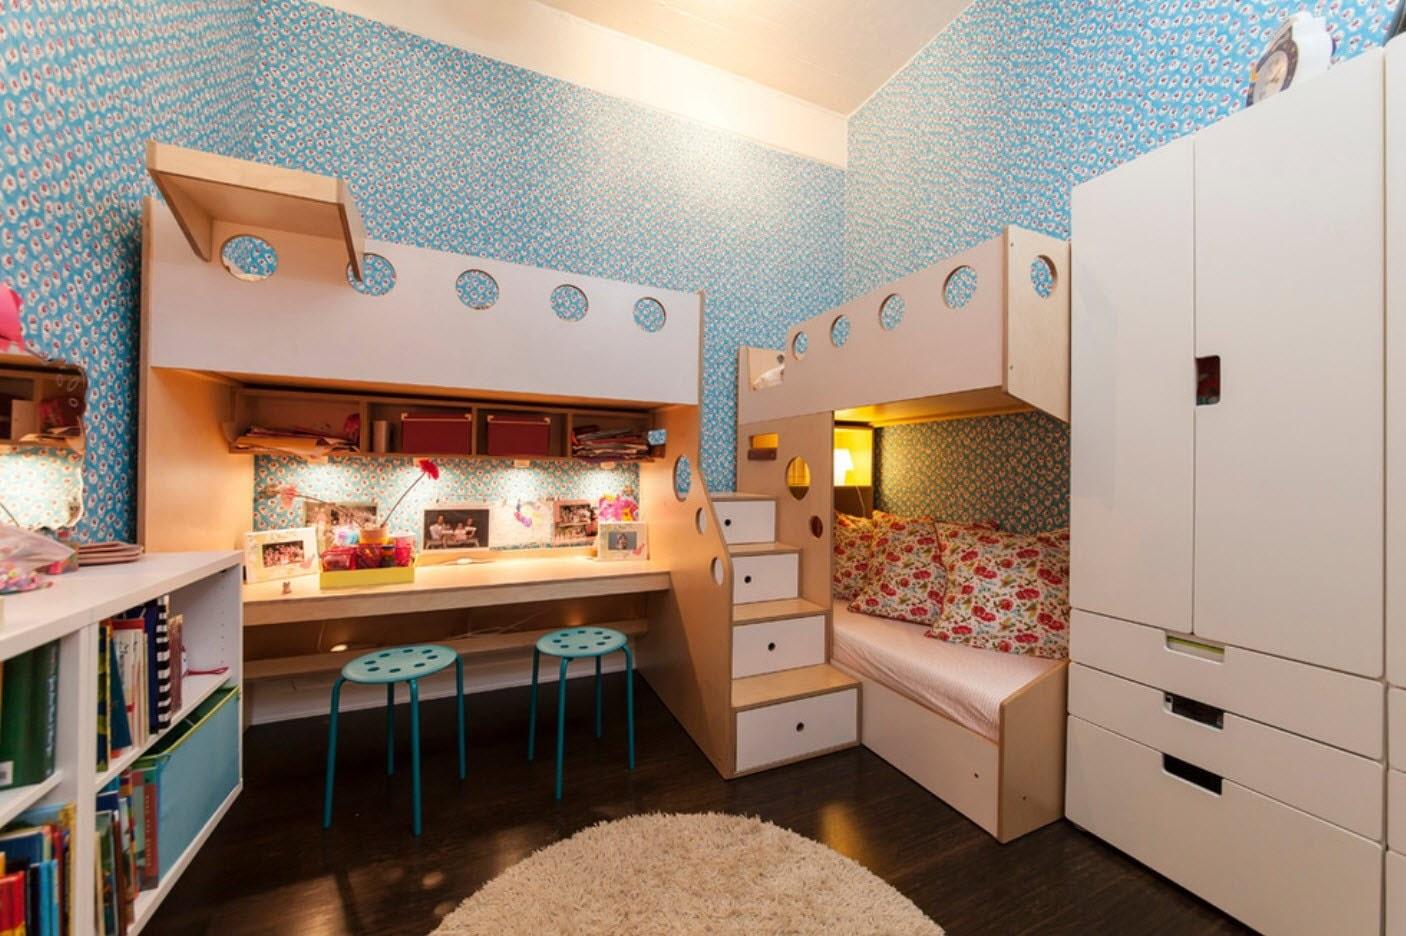 детская комната для троих детей фото идеи